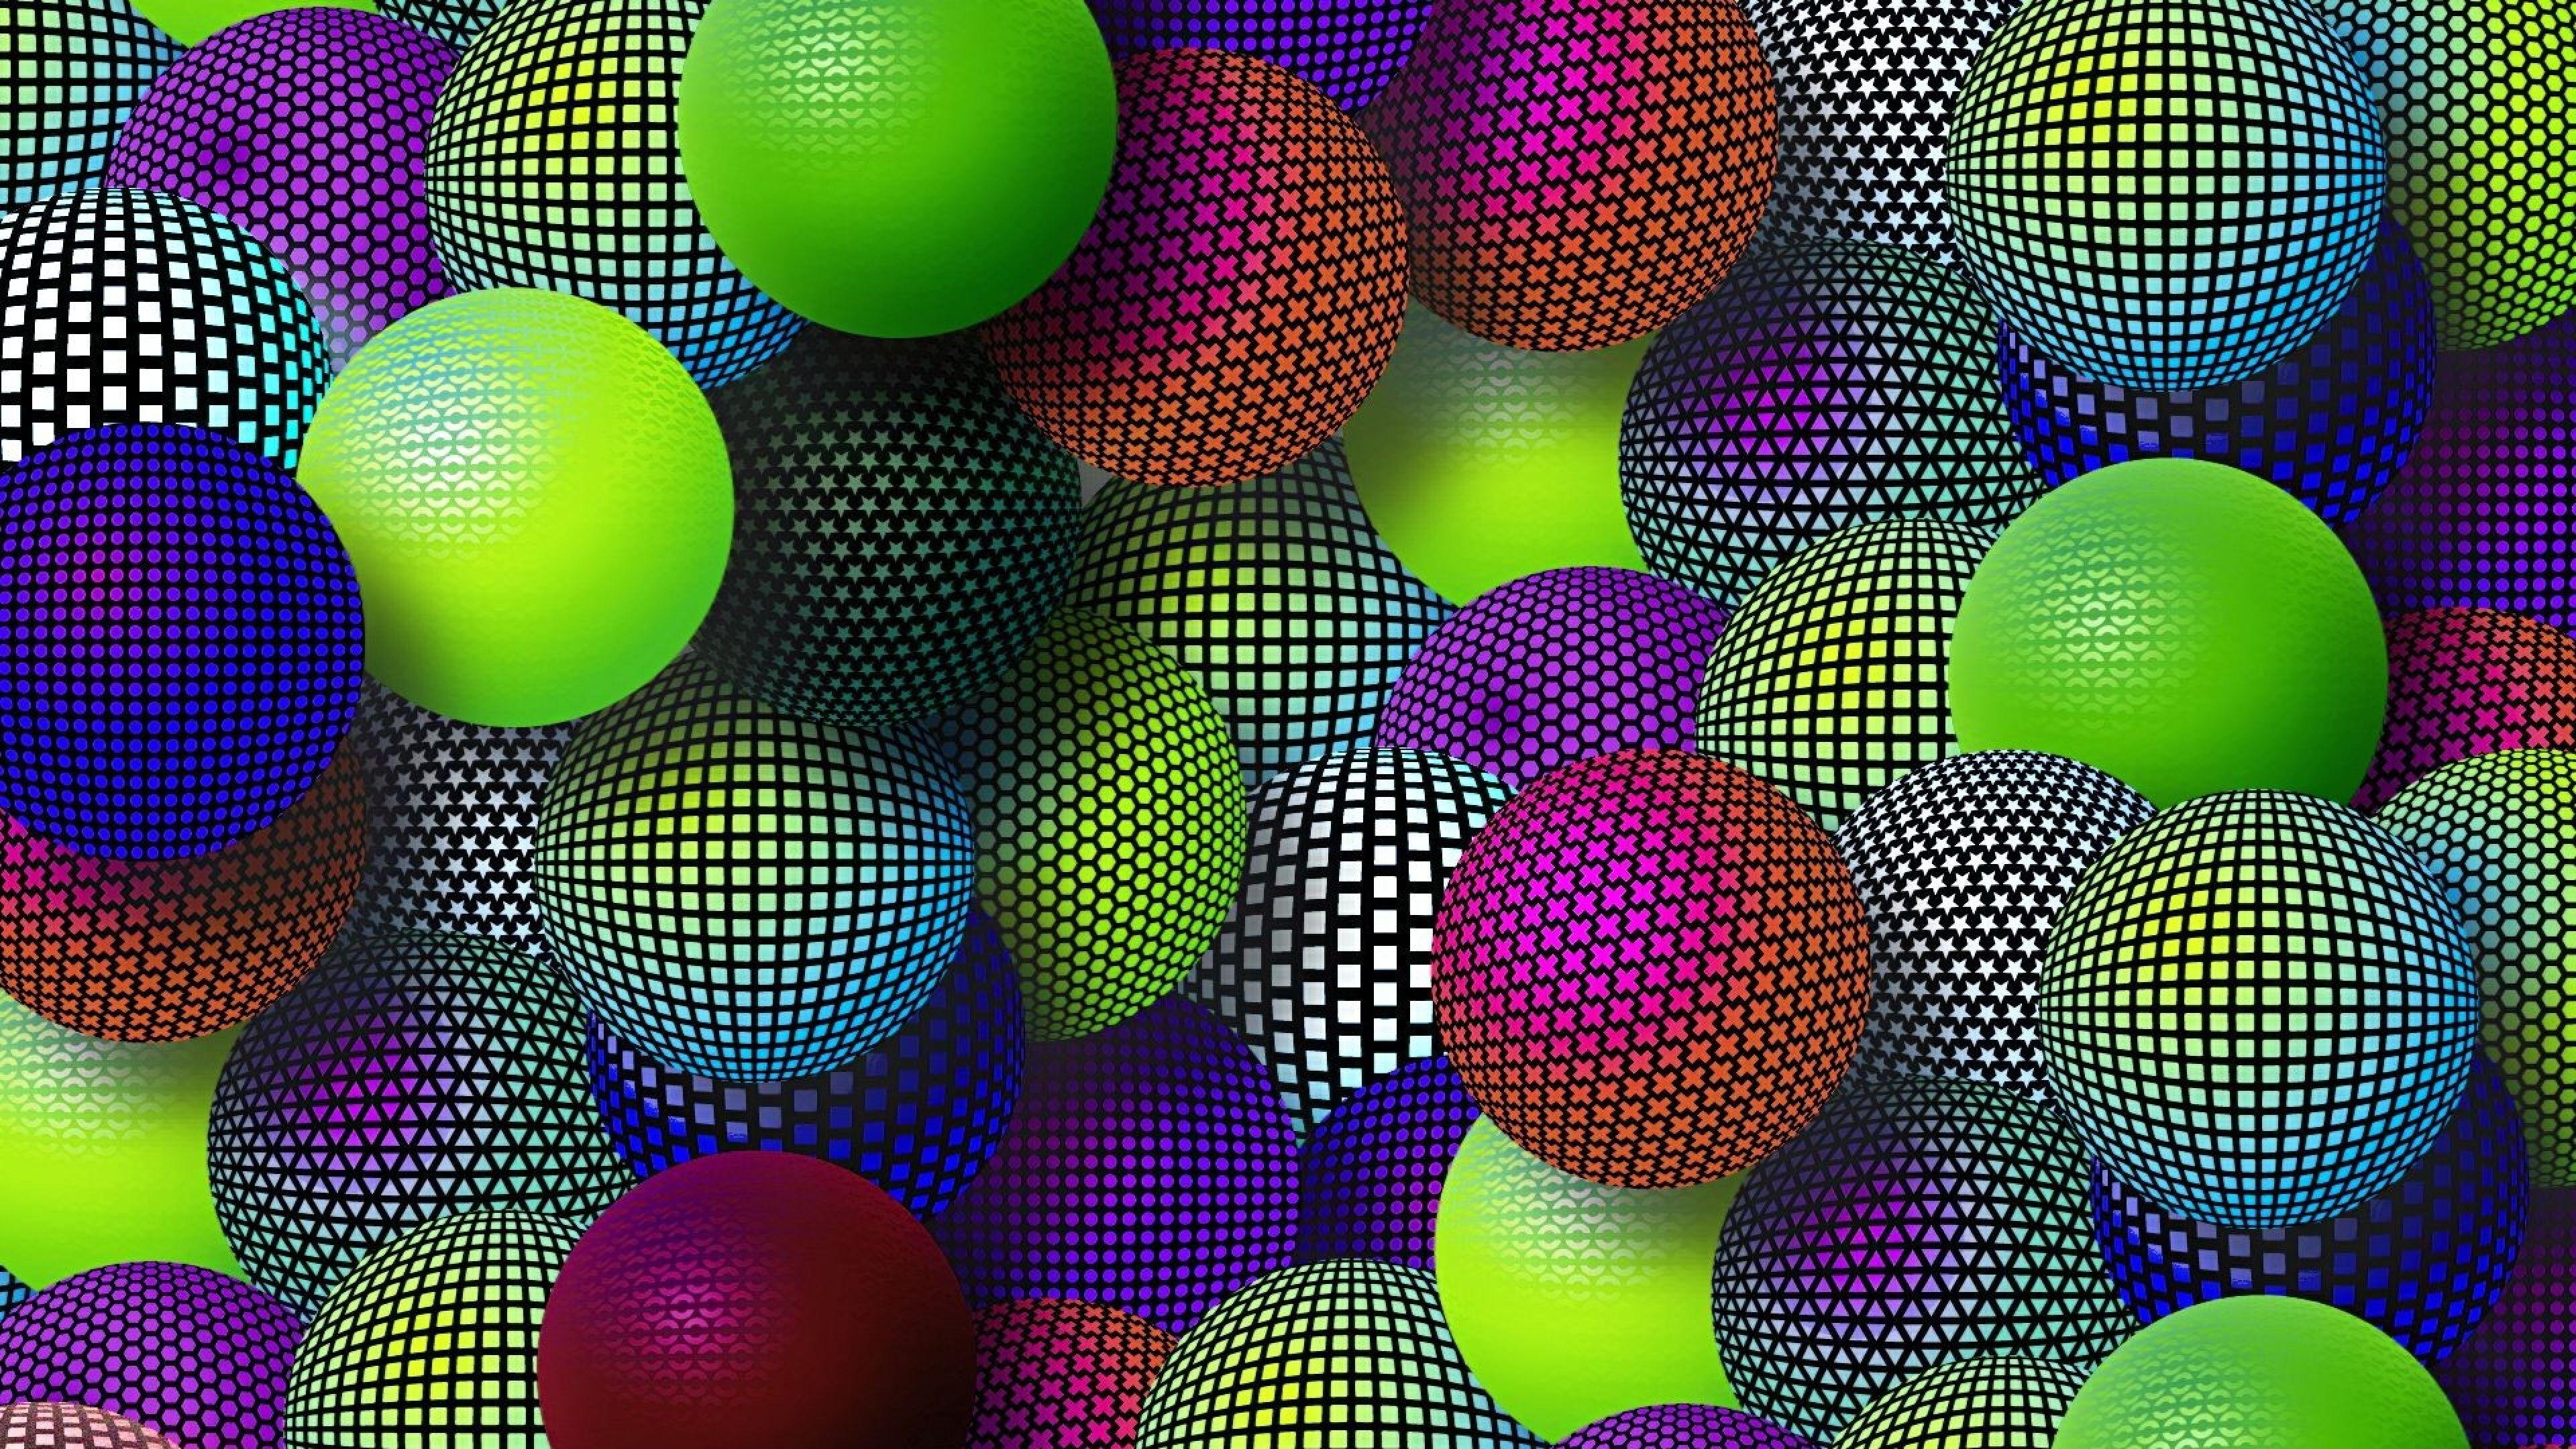 Colorful 4k Wallpaper Wallpapersafari Uhd Wallpaper Colorful Wallpaper Phone Wallpaper Design